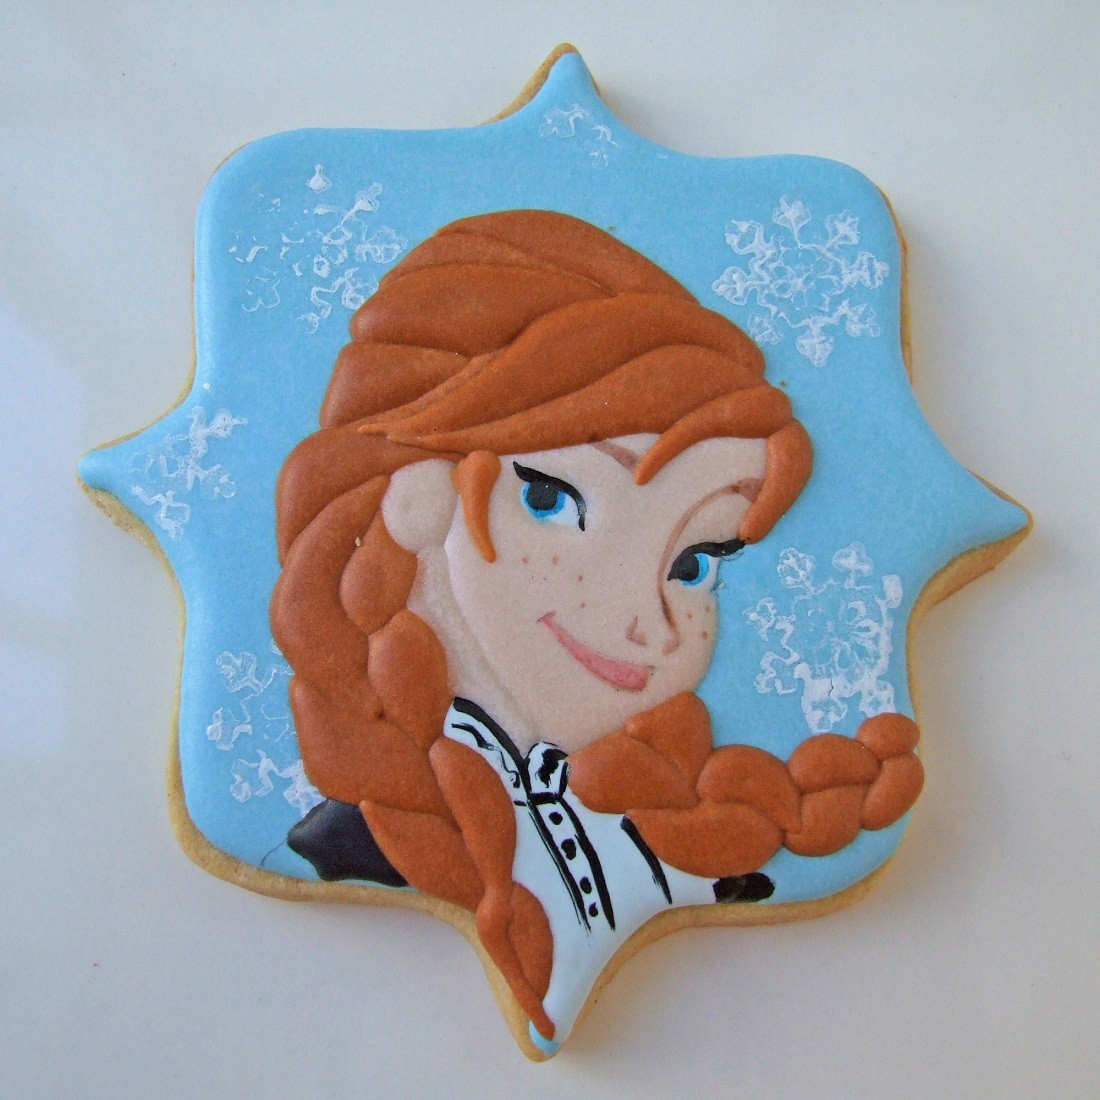 Curso Biscoitos Decorados: Princesas Frozen